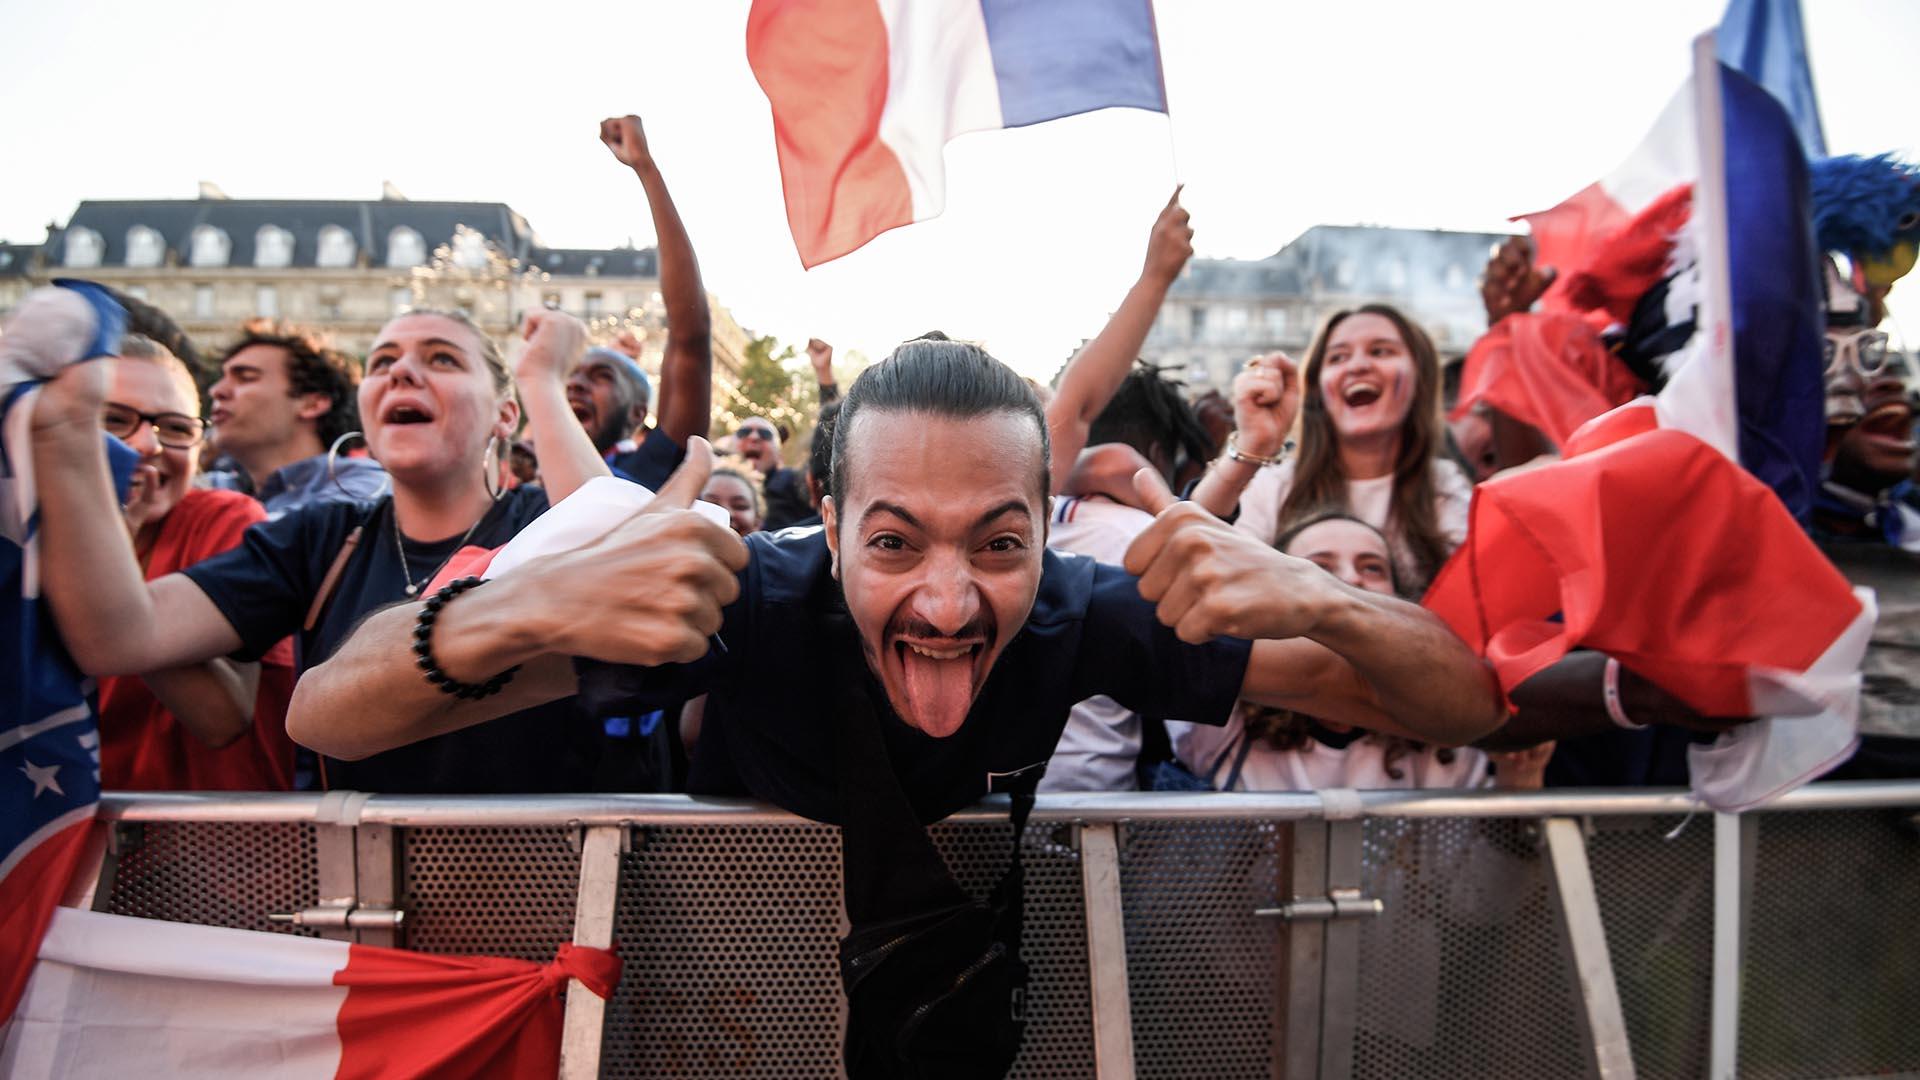 El gol de Umtiti desató la locura de los franceses que ahora irán en la búsqueda de su segundo título mundial